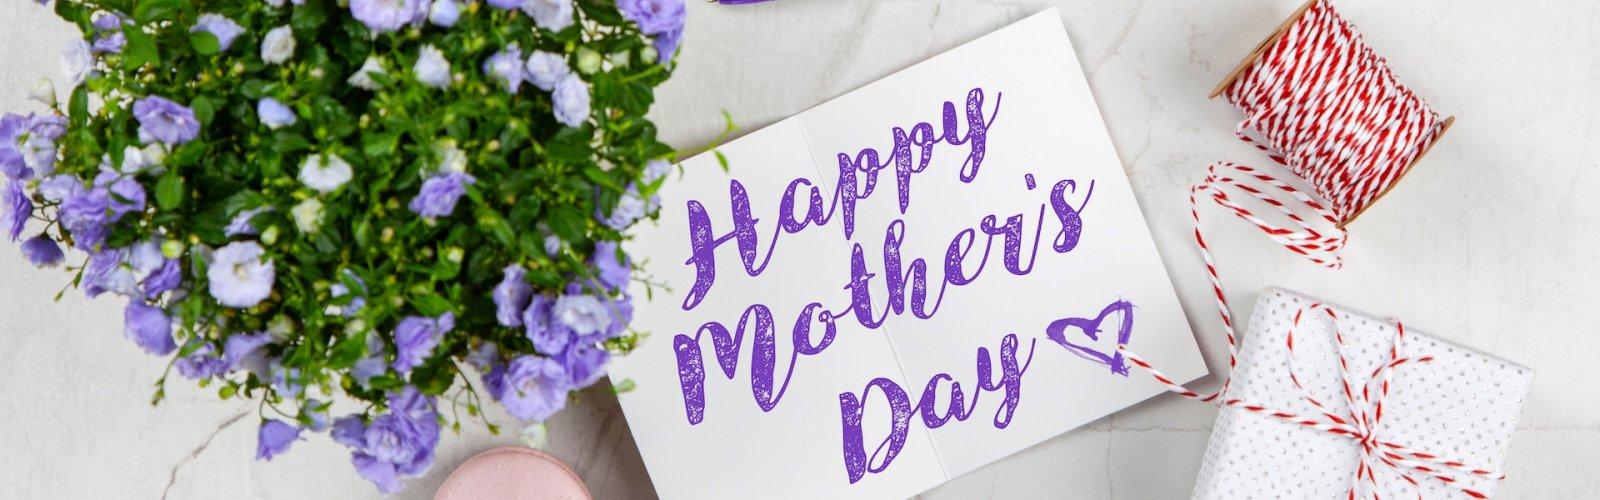 Dzień Mamy – wyjątkowe pomysły na prezent dla mamy